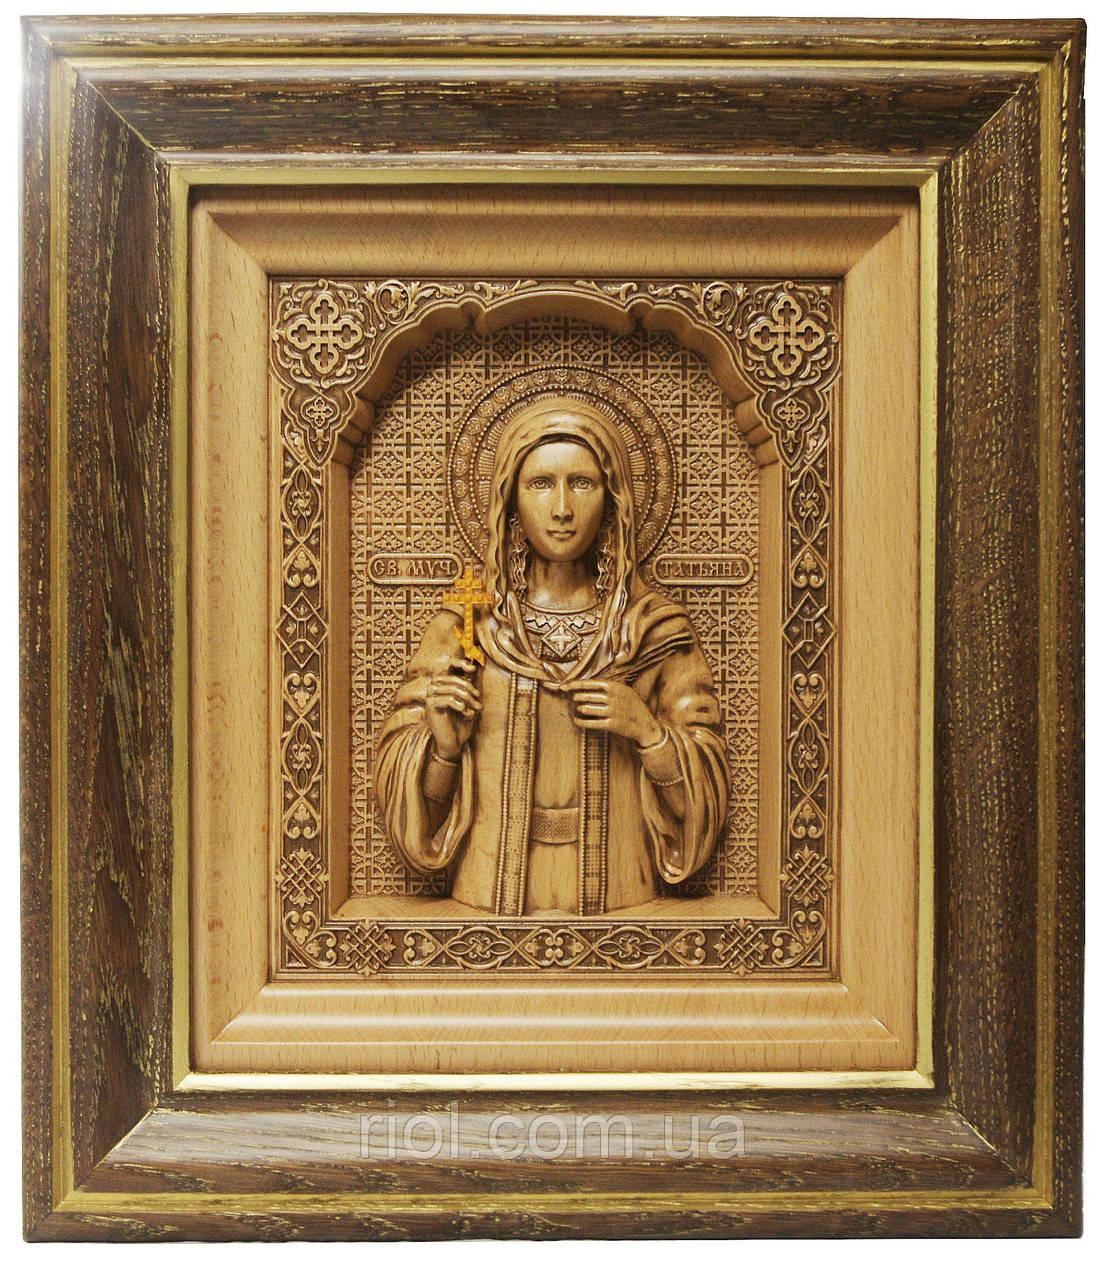 Резная икона Святой мученицы Татьяны с ажурной рамкой